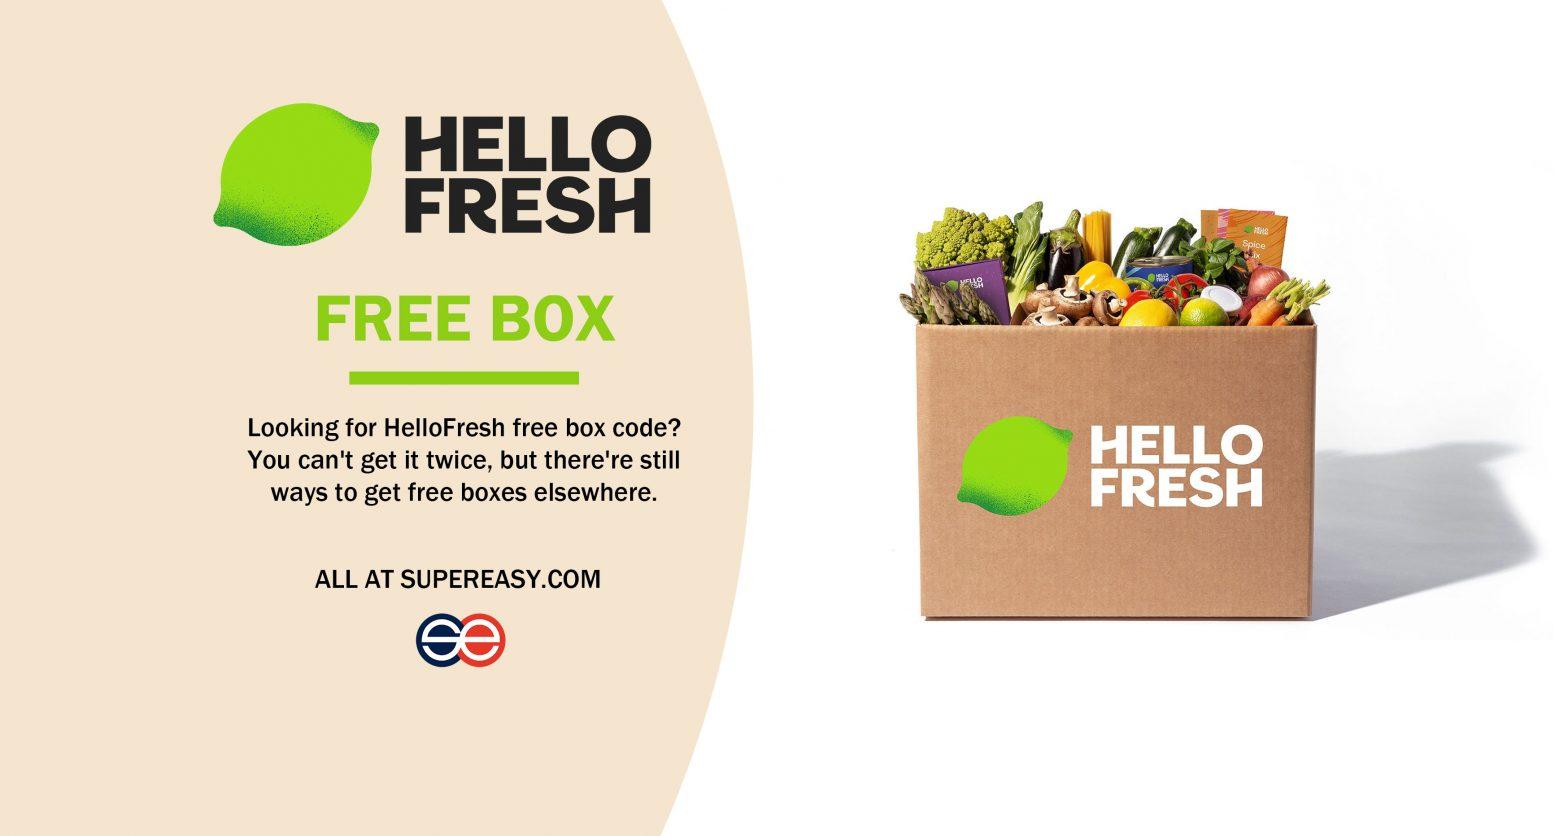 hellofresh free box code